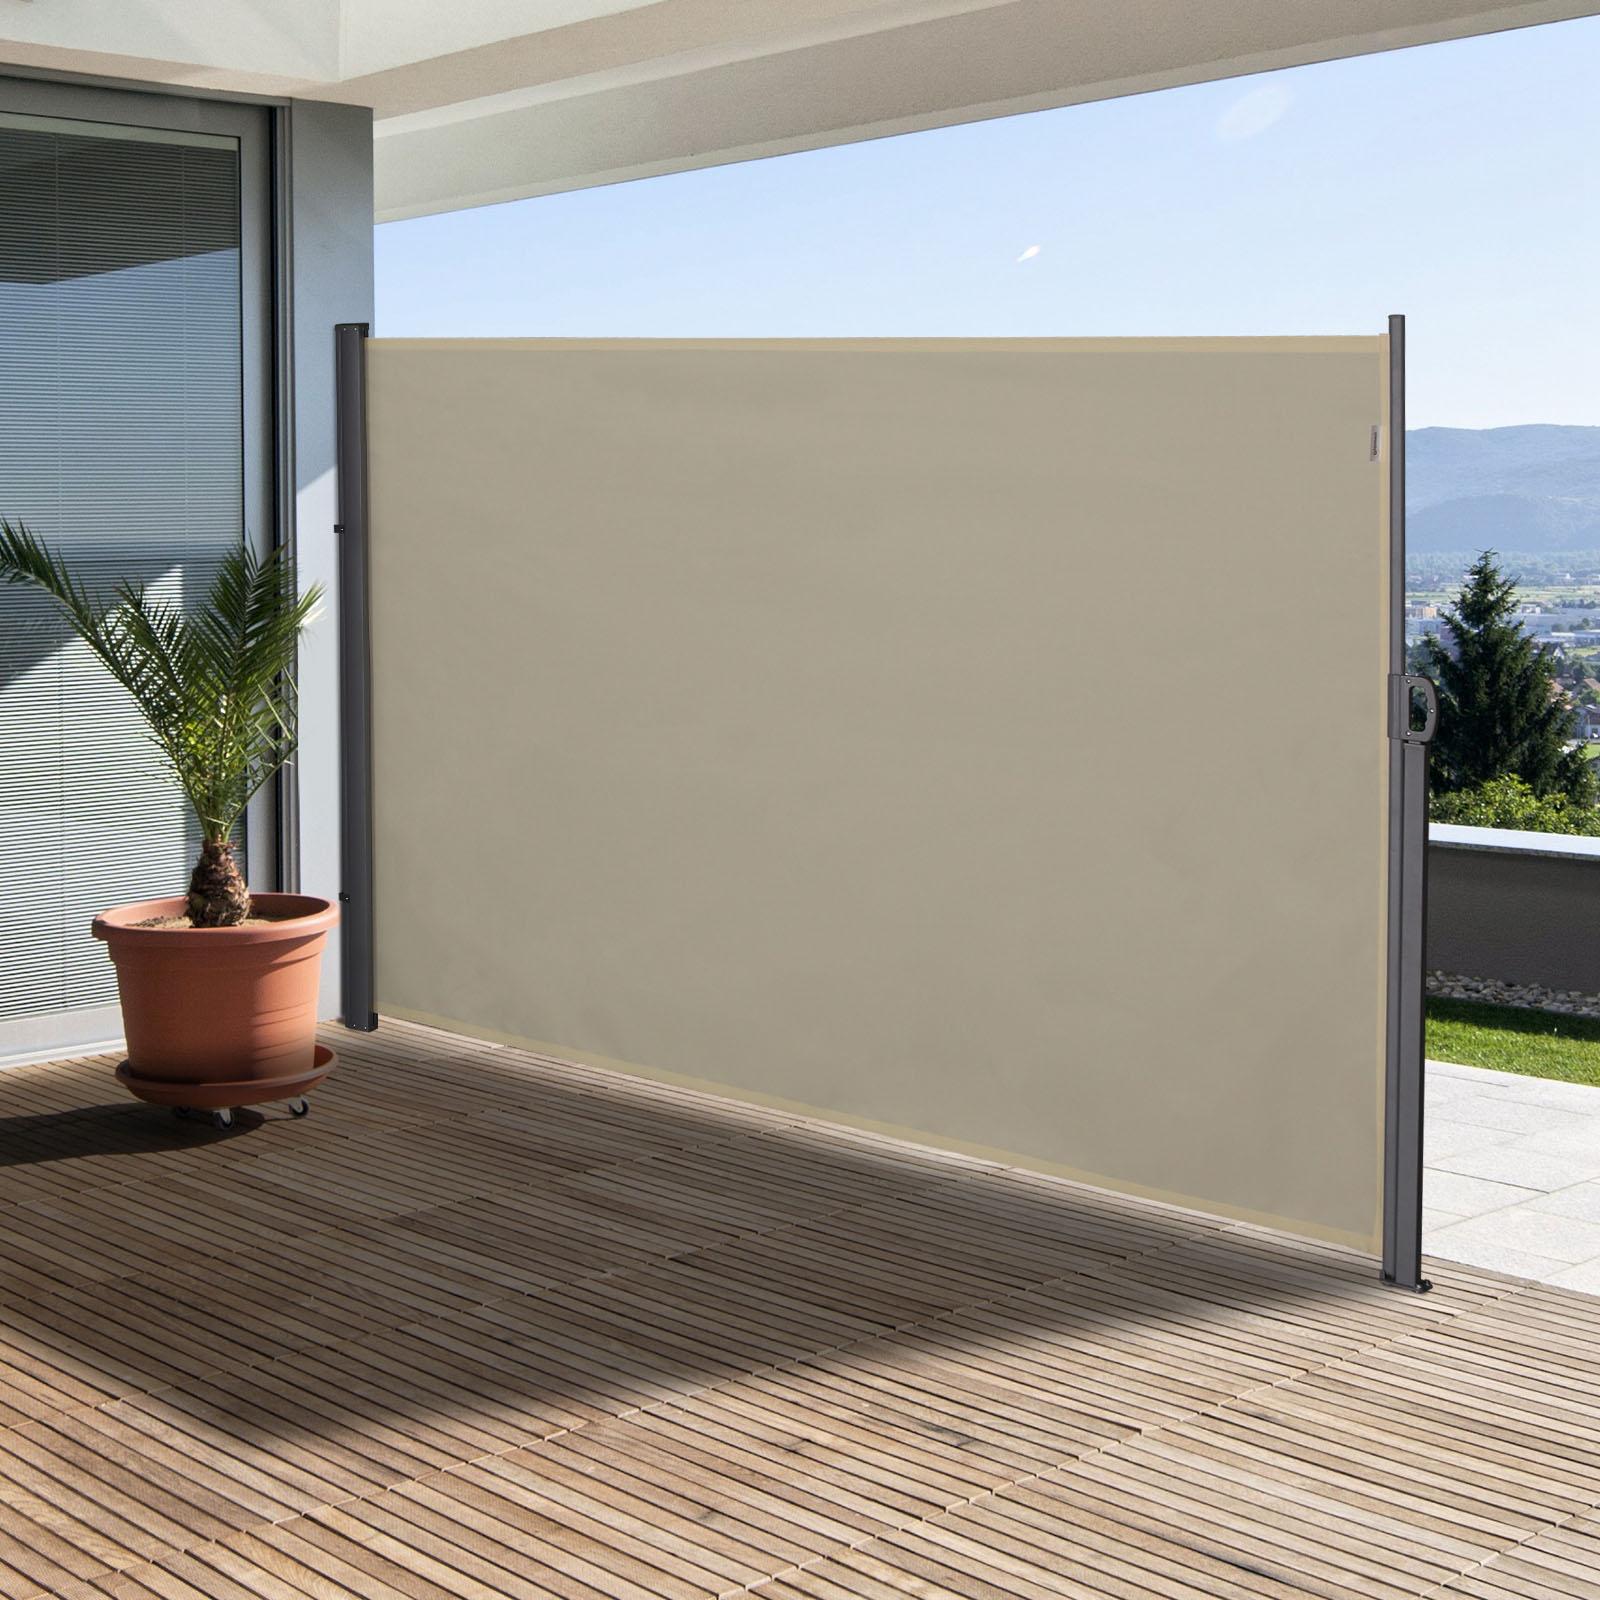 Store latéral brise-vue rétractable alu. polyester haute densité crème